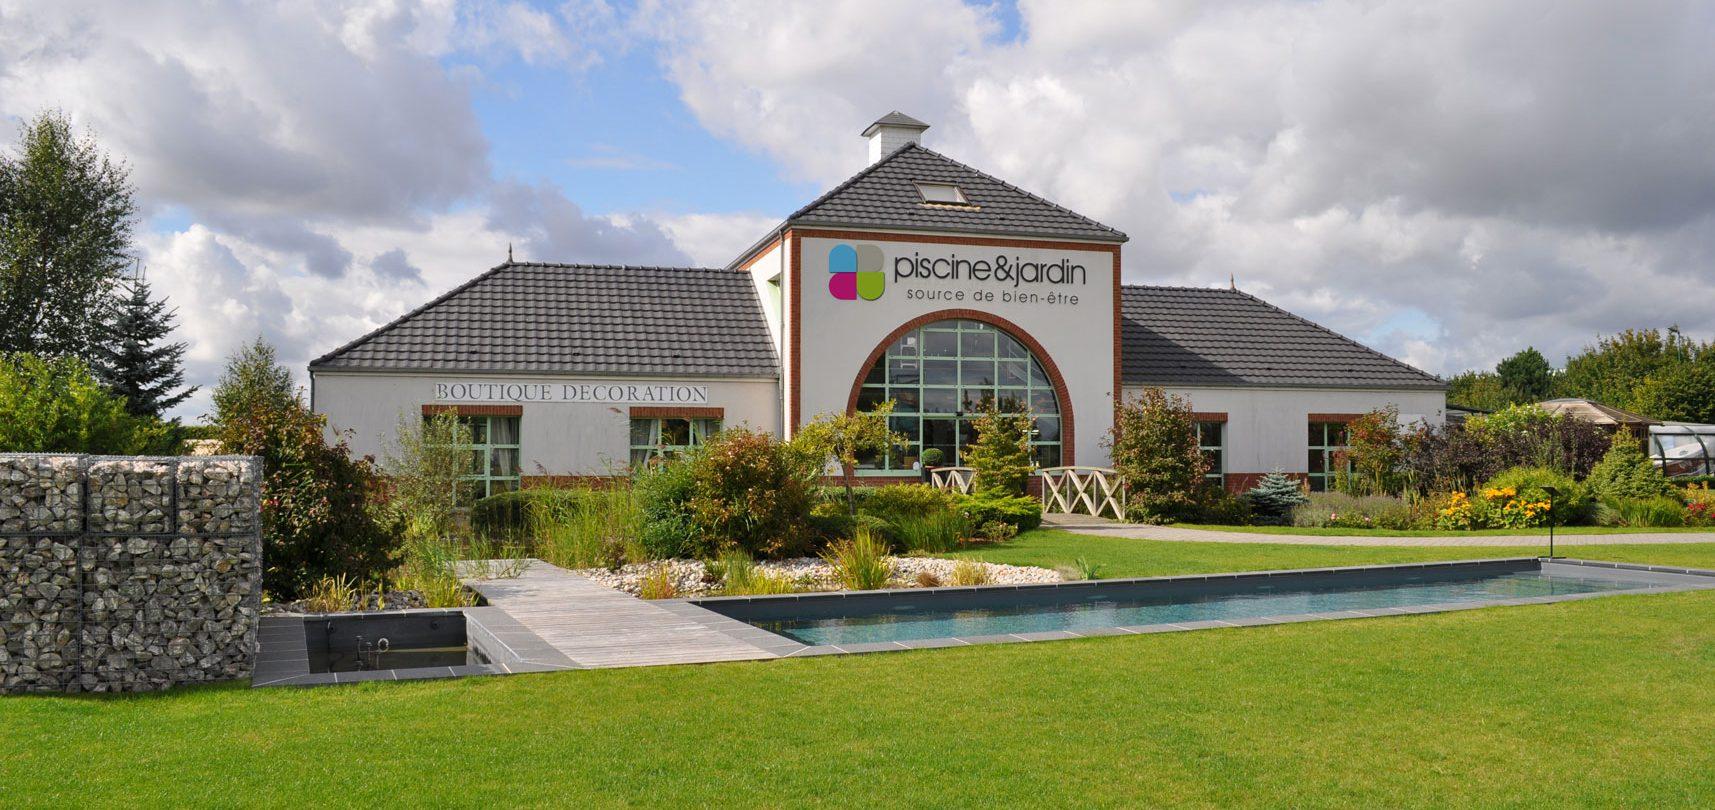 Piscine et jardin arras constructeur piscine arrageois for Piscine d arras